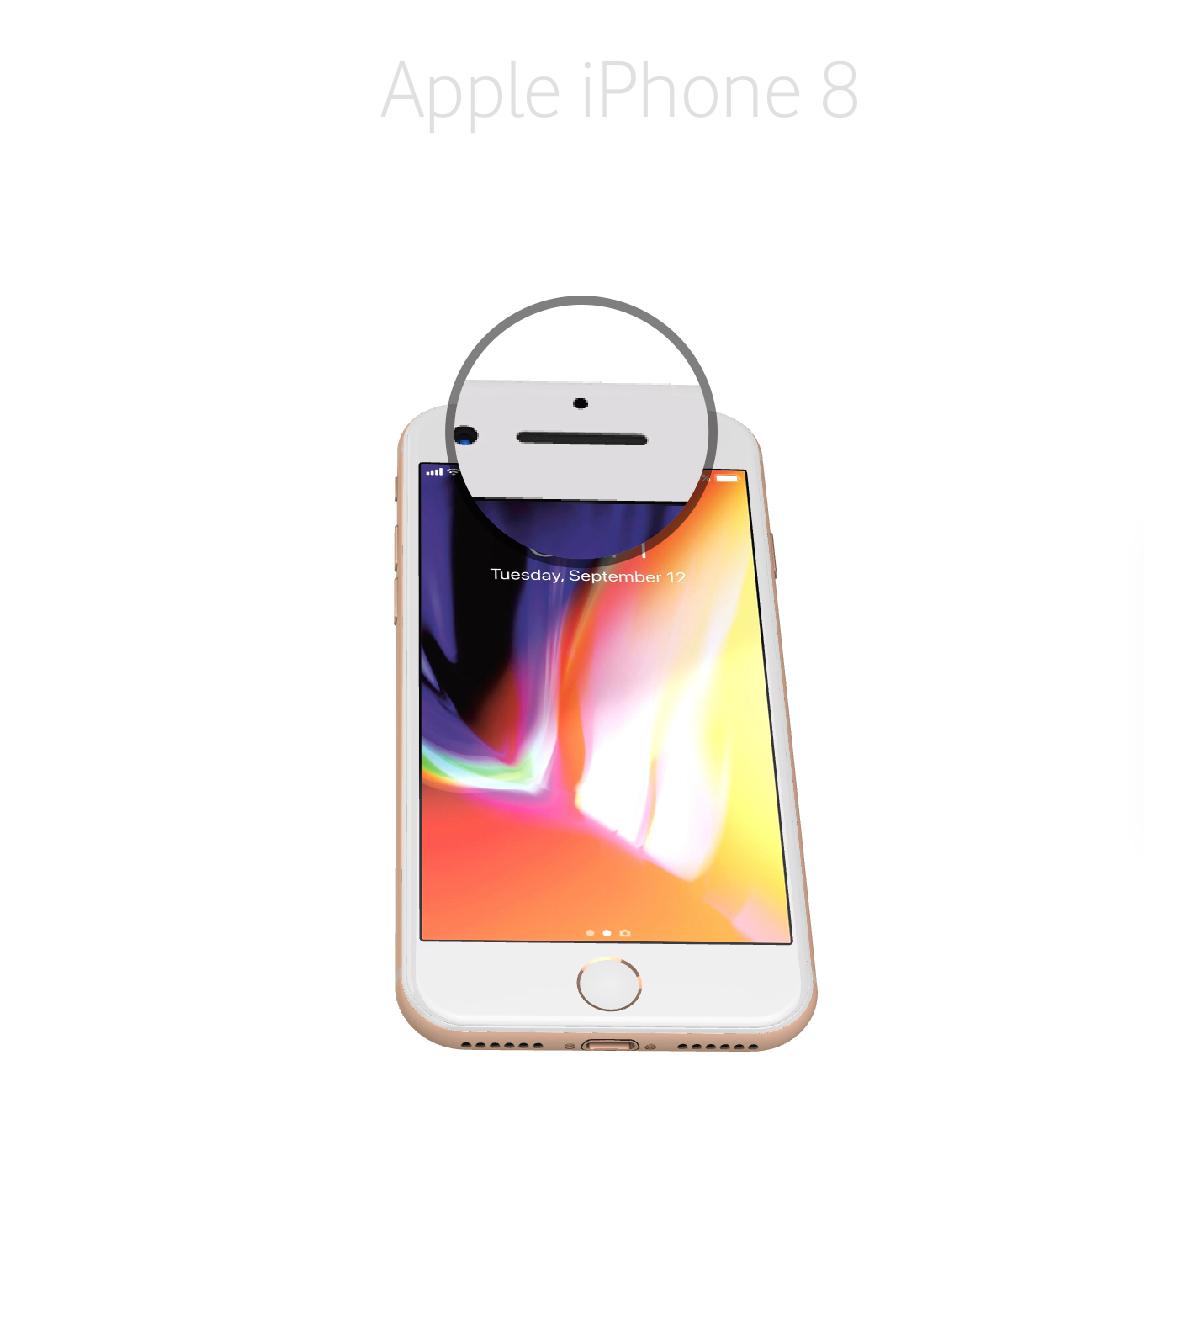 Laga ljussensor iPhone 8